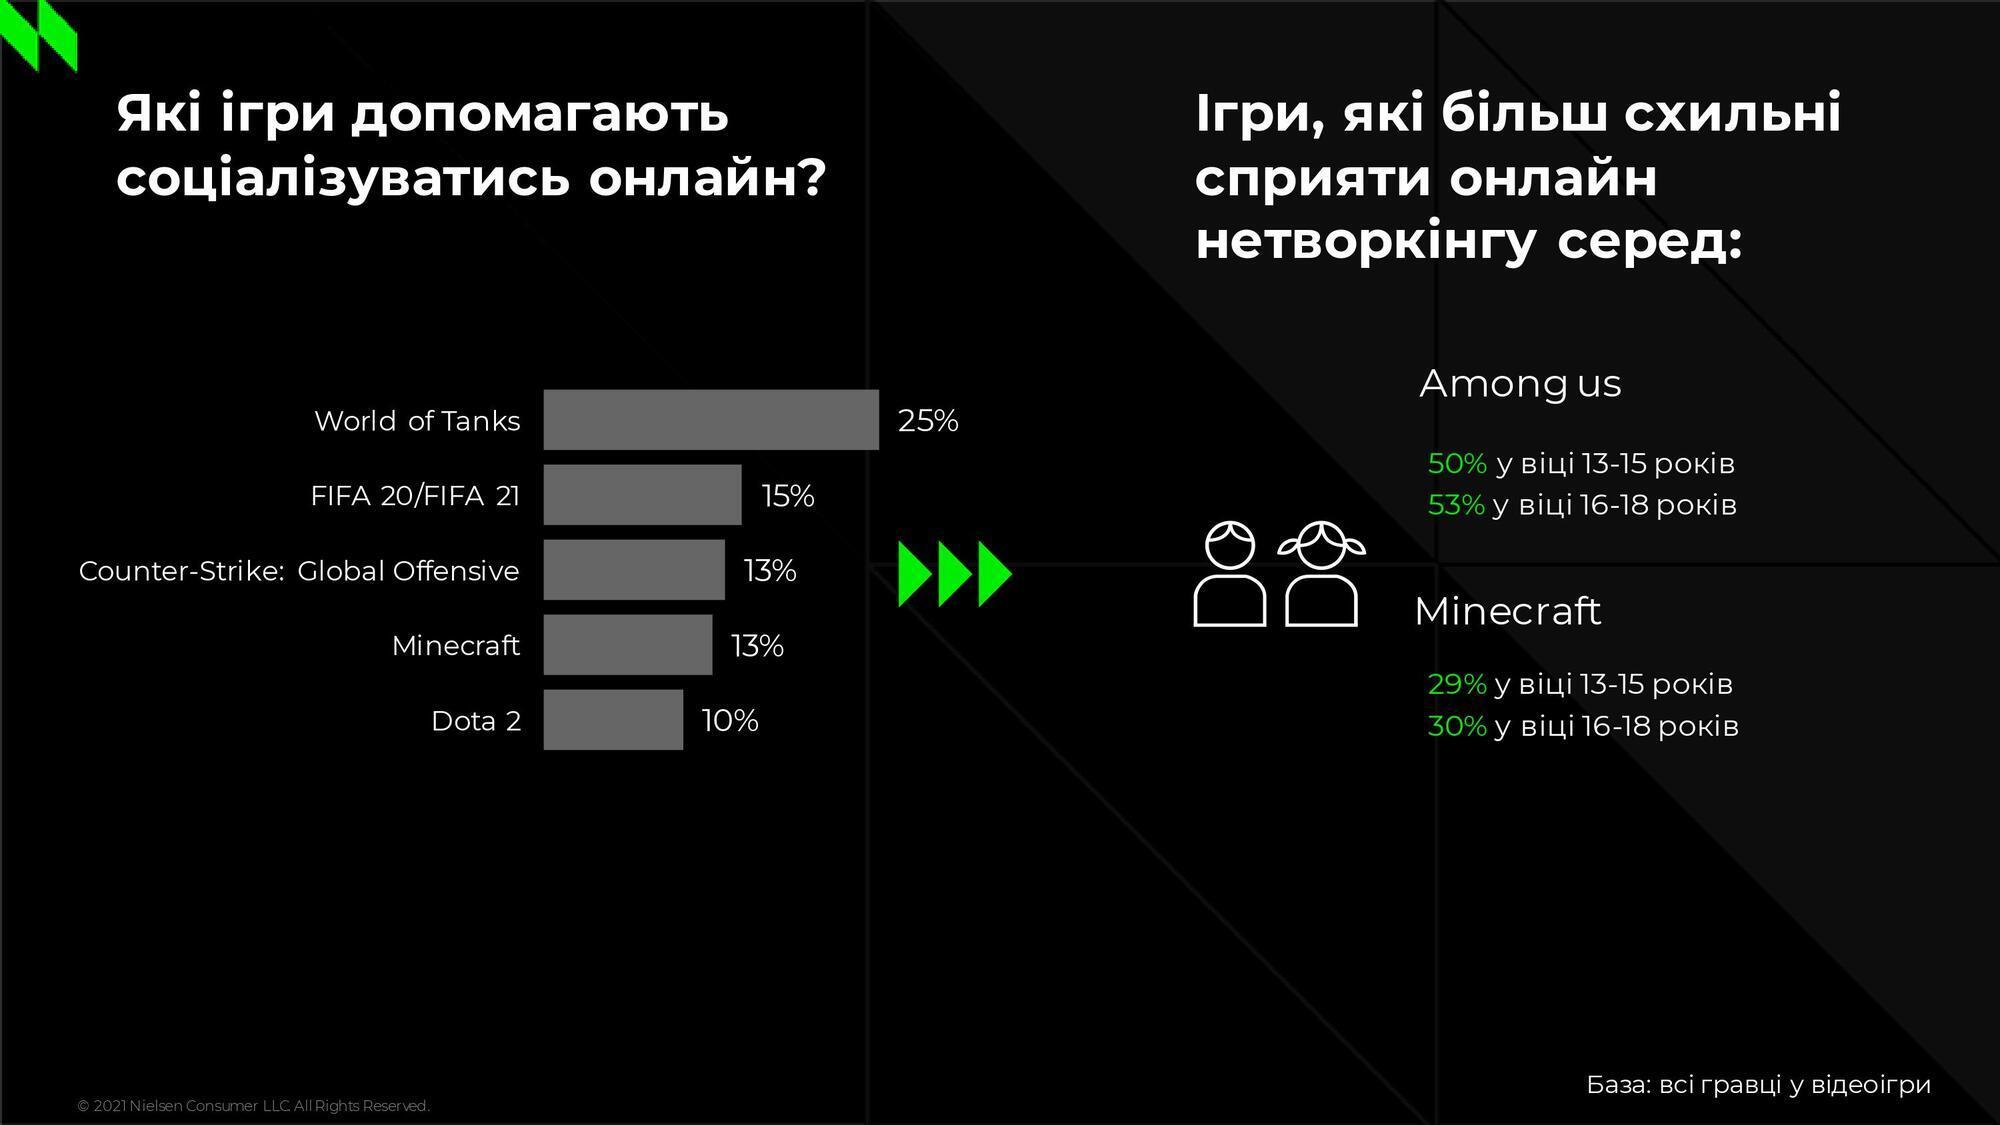 50% респондентів у віці 13-15 років і 53% у віці 16-18 років знаходять друзів і спілкуються за допомогою гри Among Us